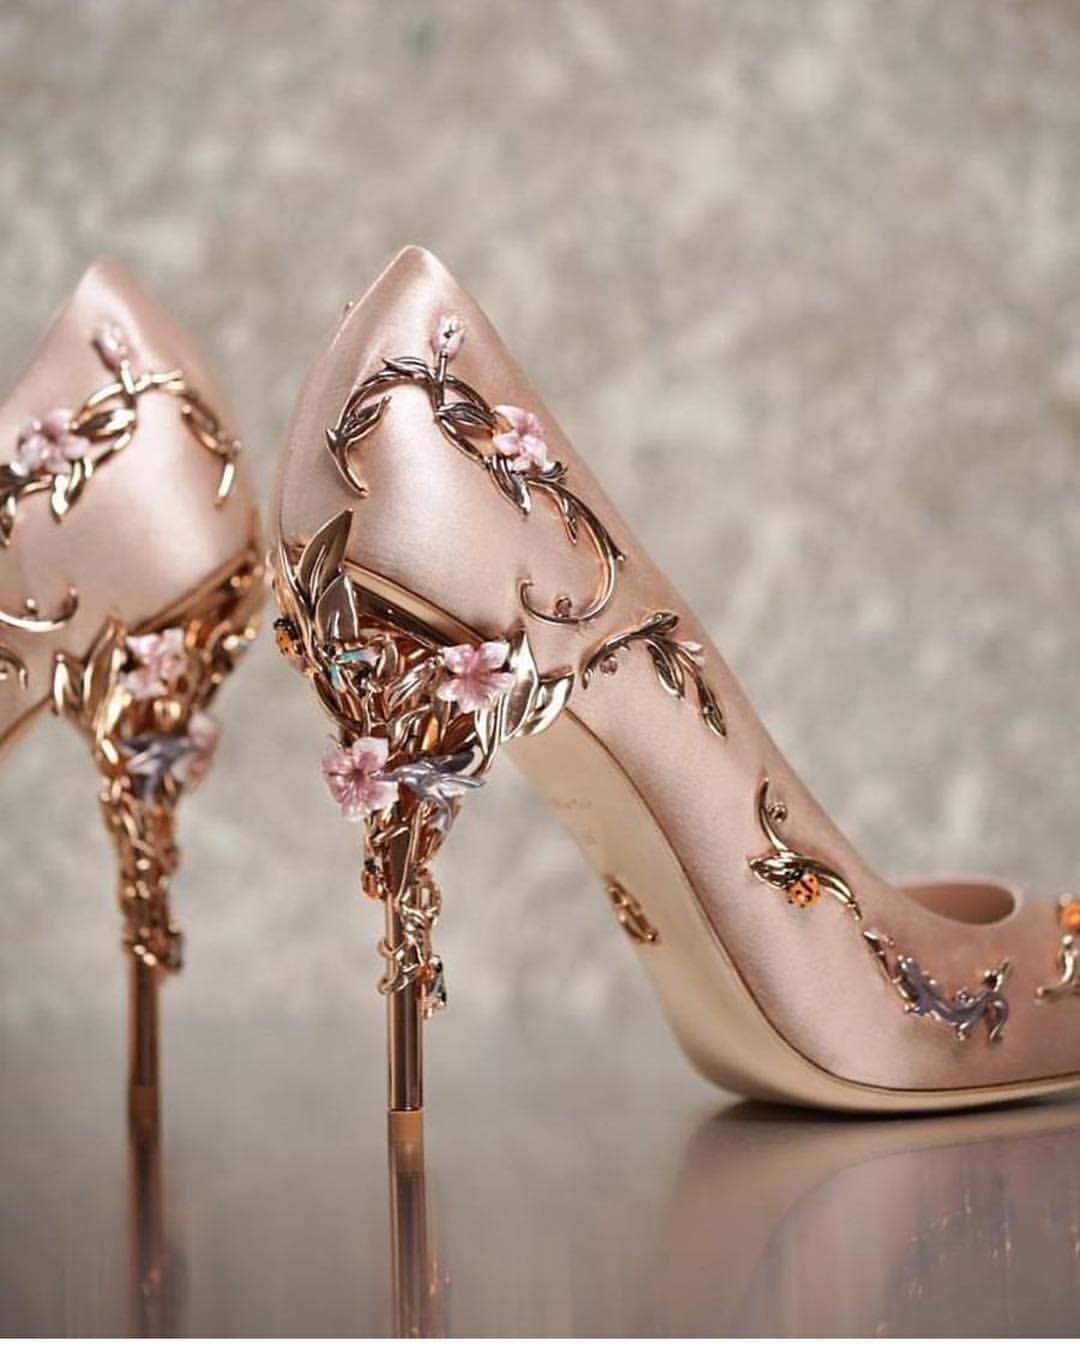 Ralph Russo | High heels and more! | Pinterest | Schuhe